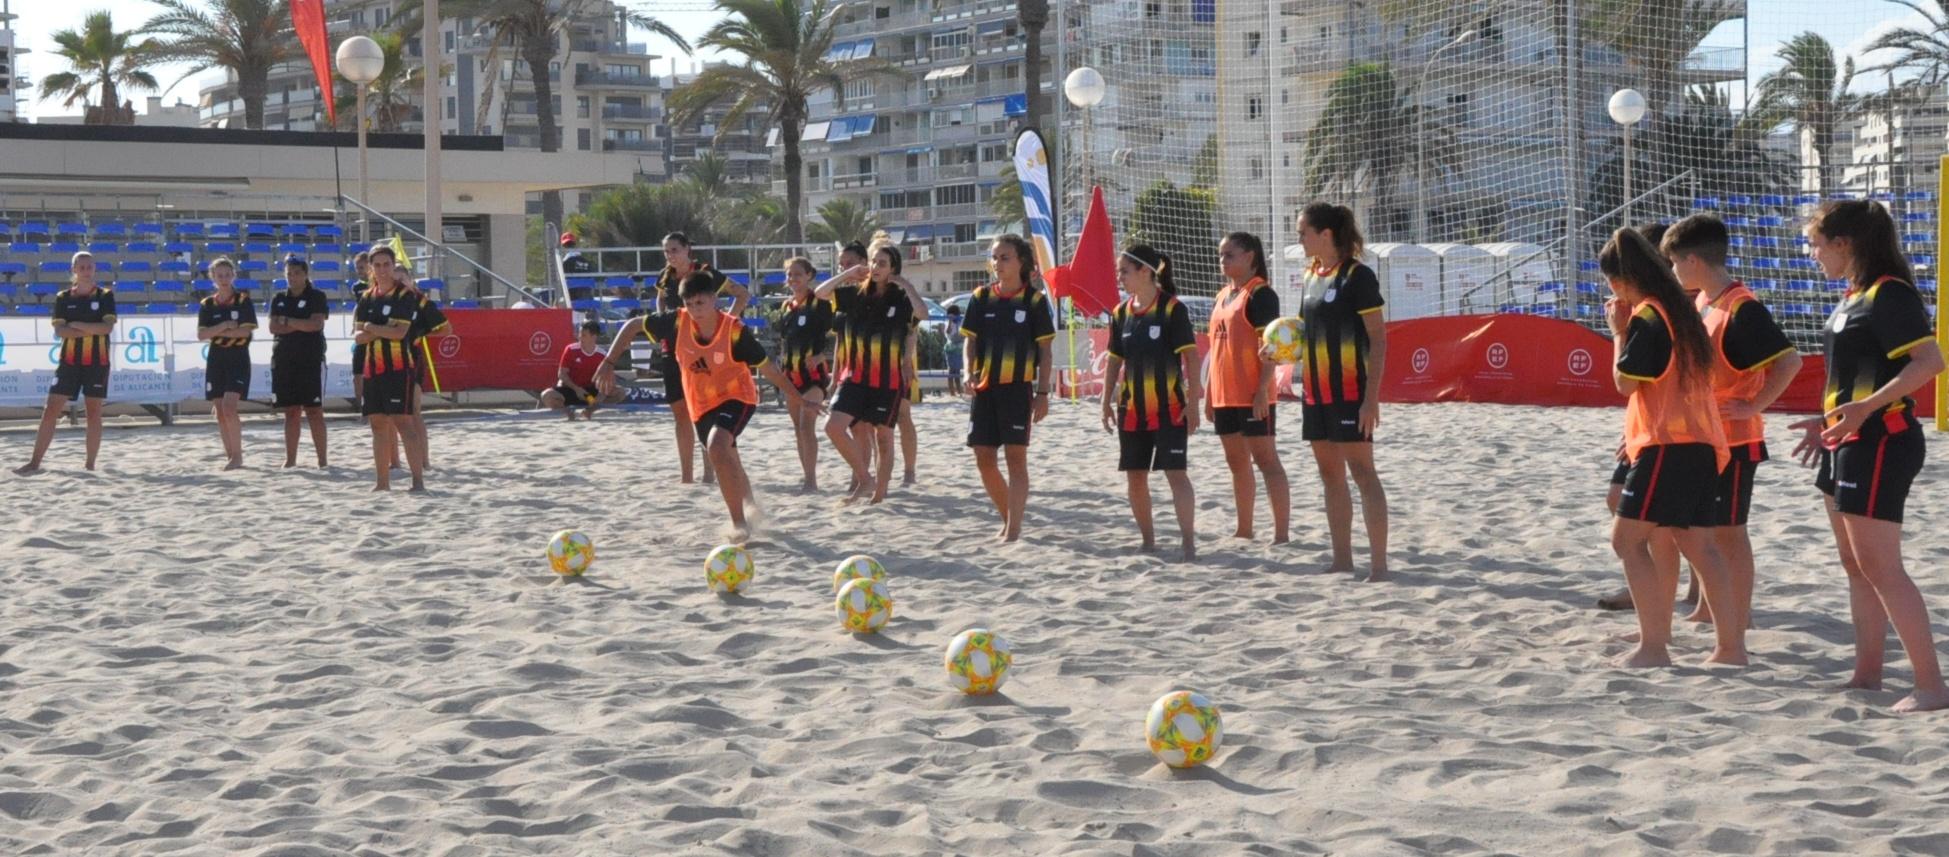 Modificat el pla de competició del Campionat d'Espanya de futbol platja femení